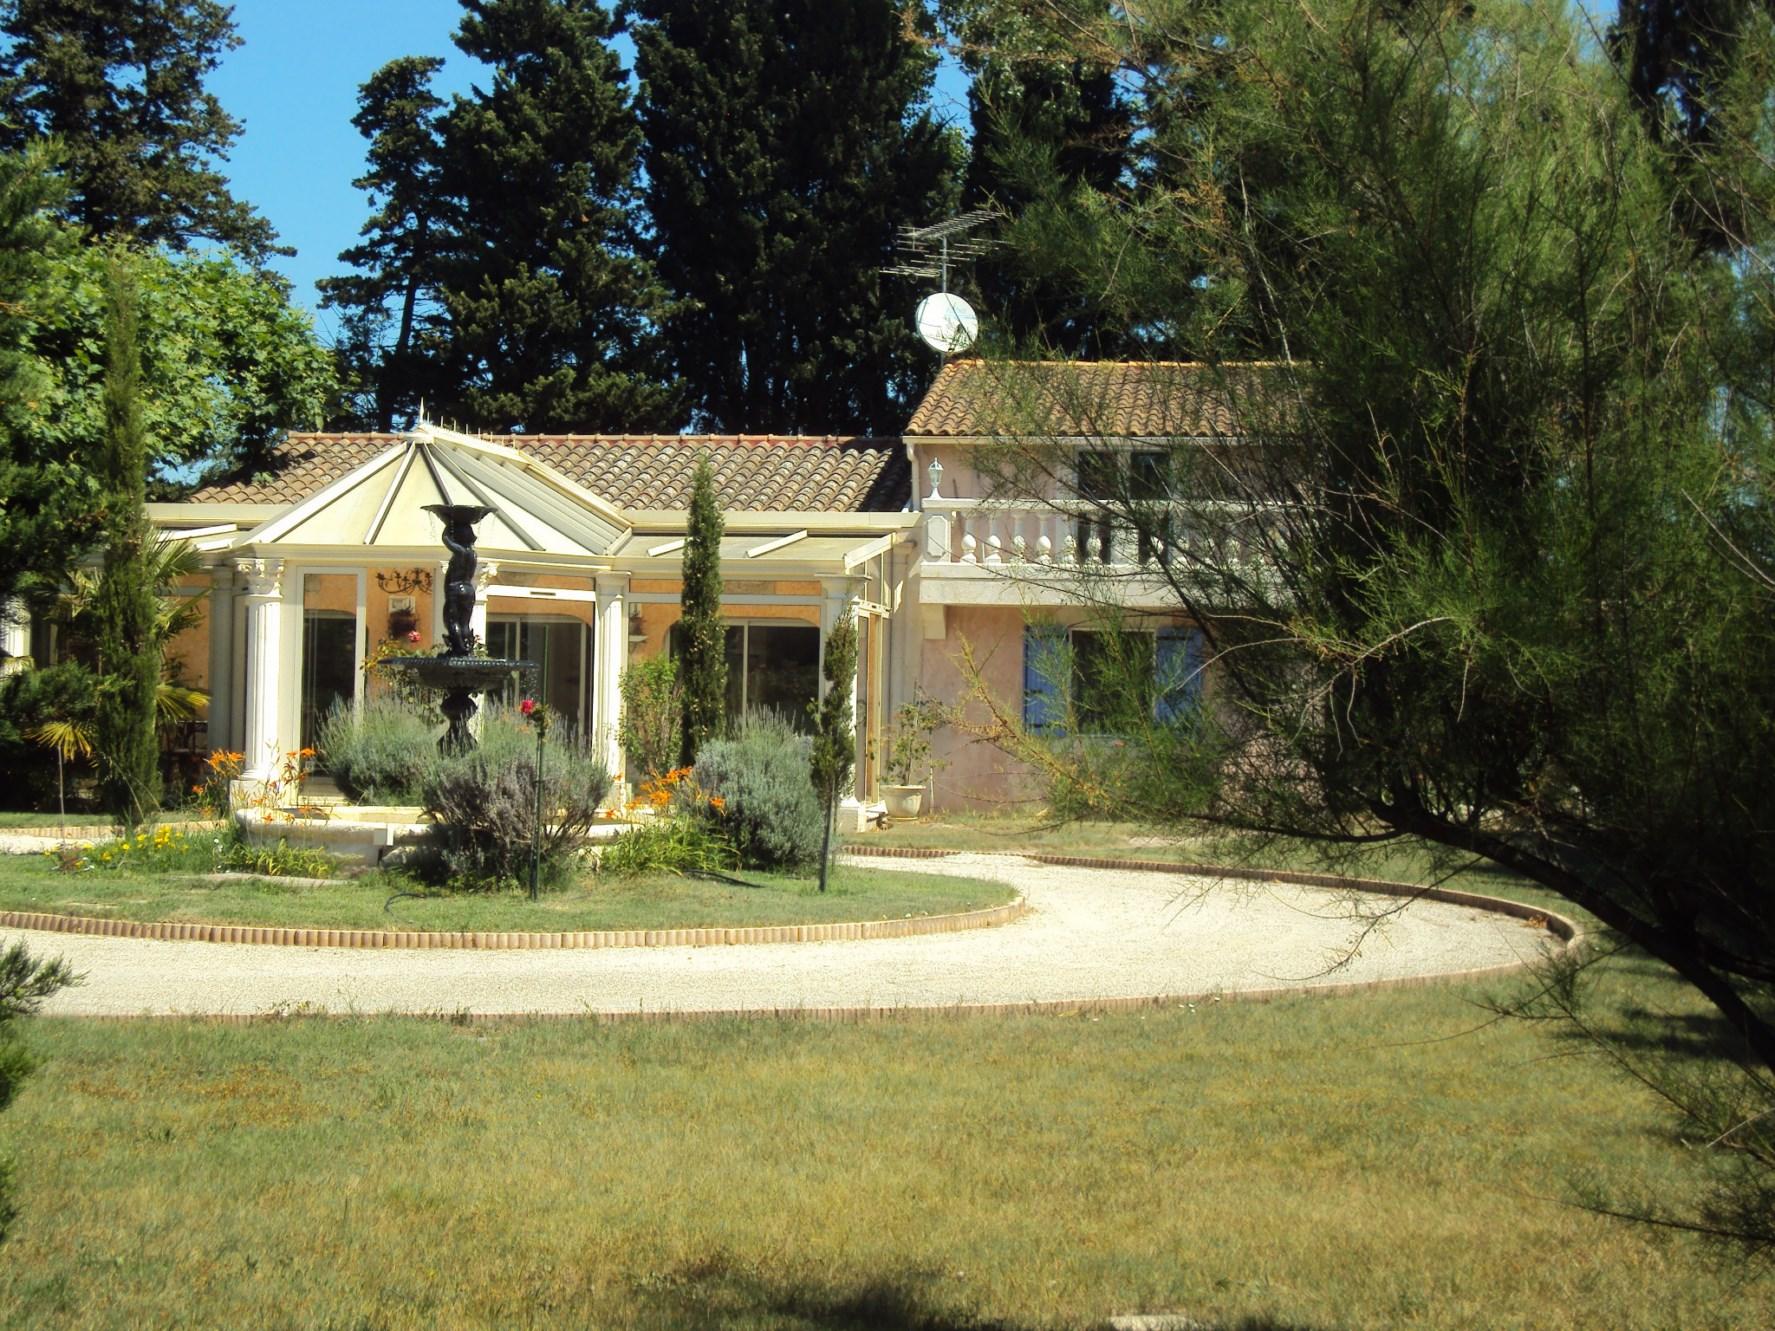 Maison à vendre entre Luberon et Alpilles